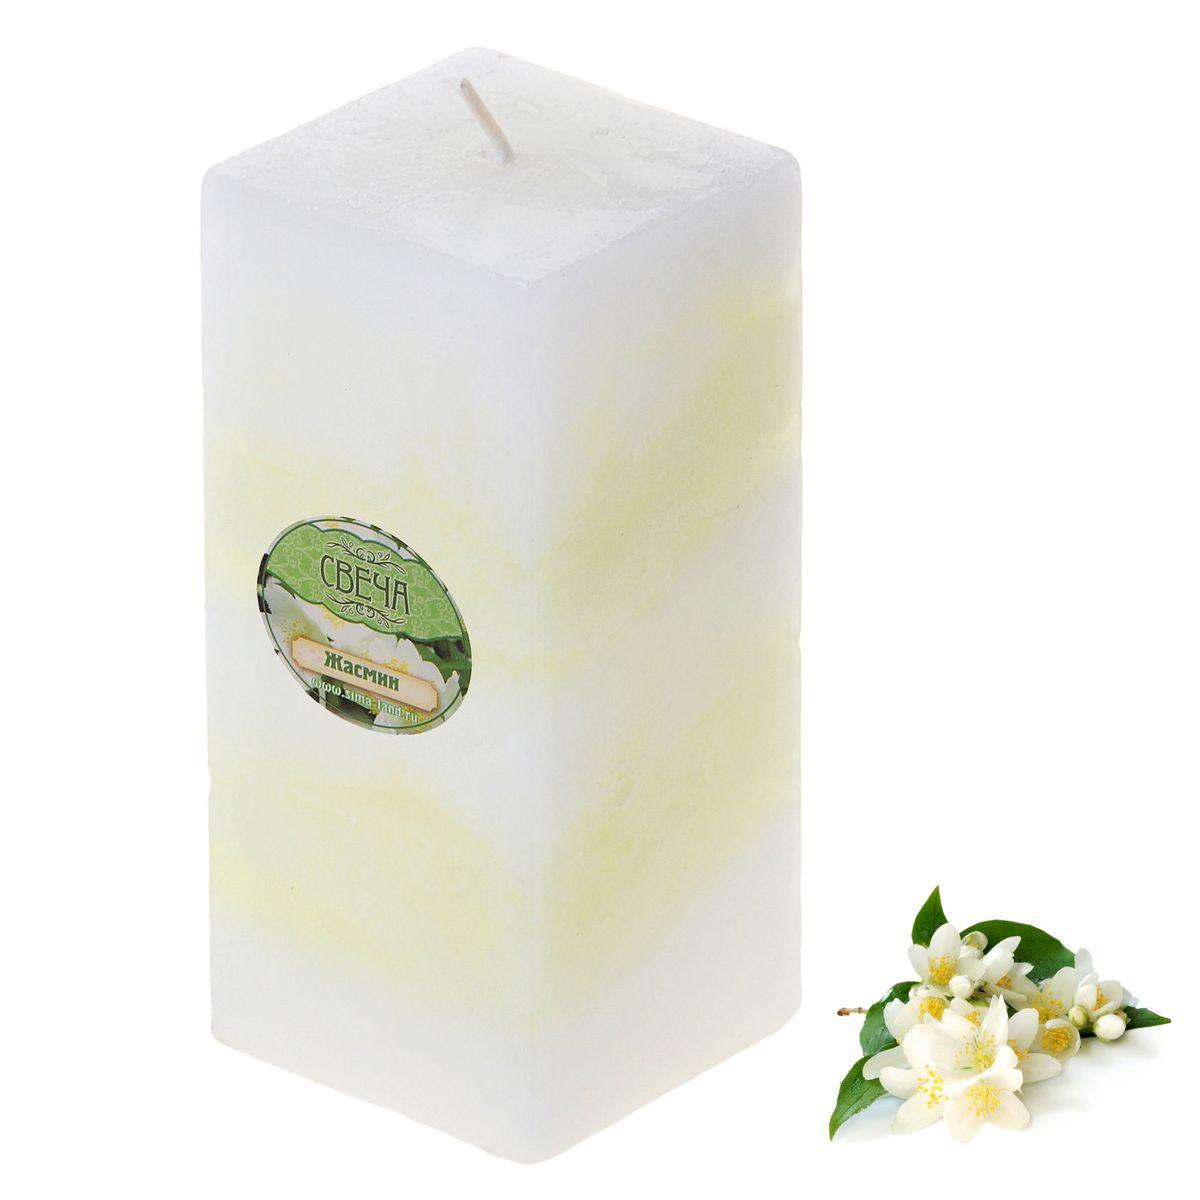 Свеча ароматизированная Sima-land Жасмин, высота 10 см свеча ароматизированная sima land корица высота 7 5 см 849544